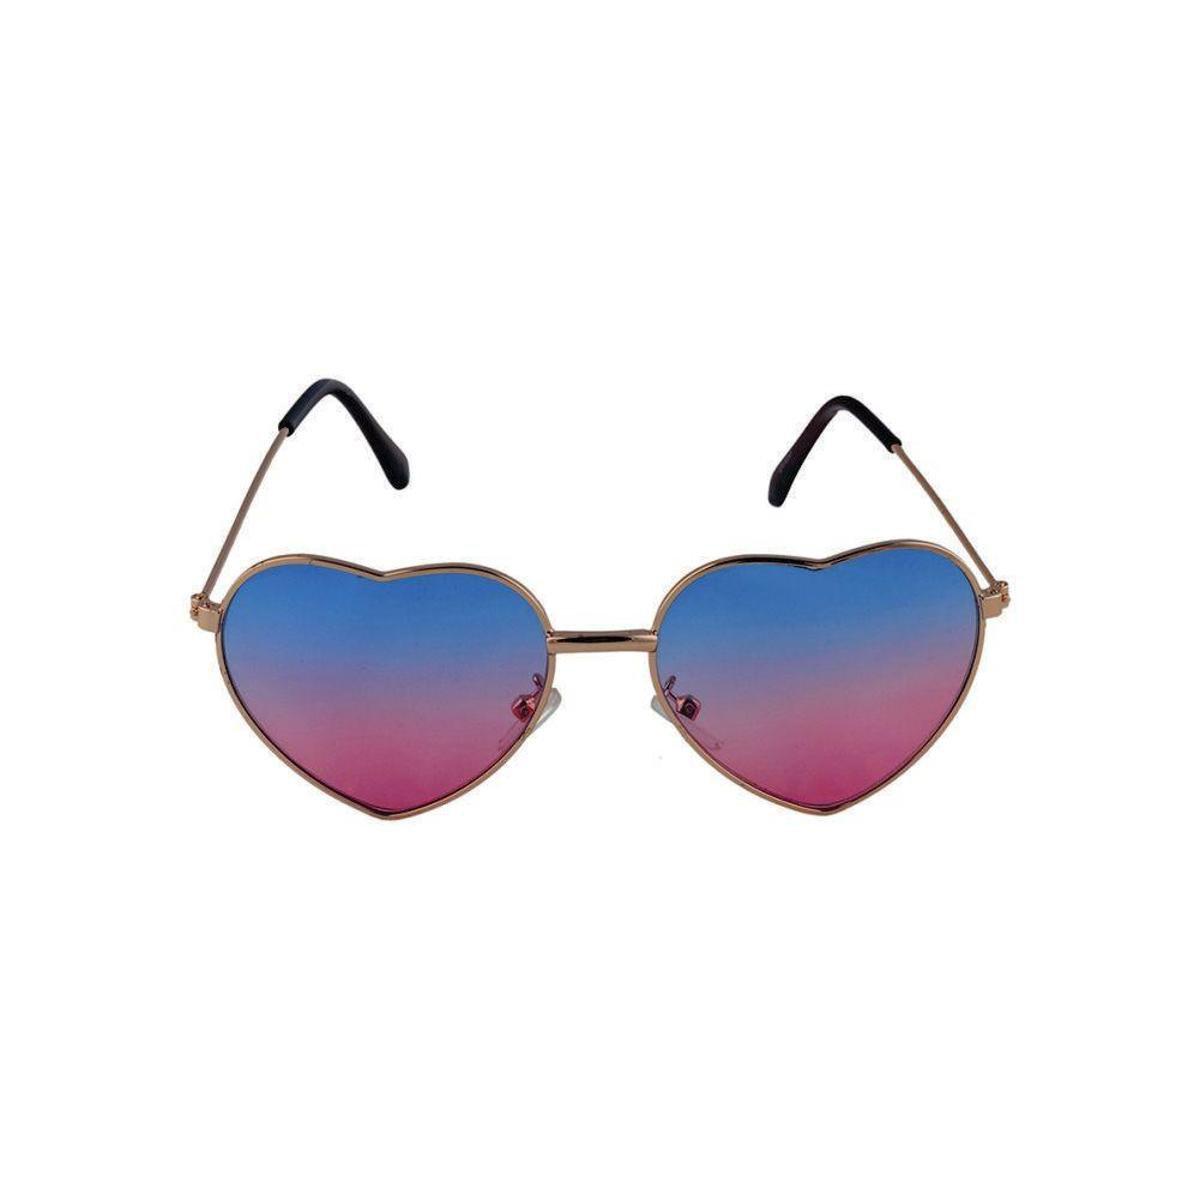 5c92dc7d37243 Óculos de Sol Khatto Infantil Love Feminino - Azul e Rosa - Compre Agora